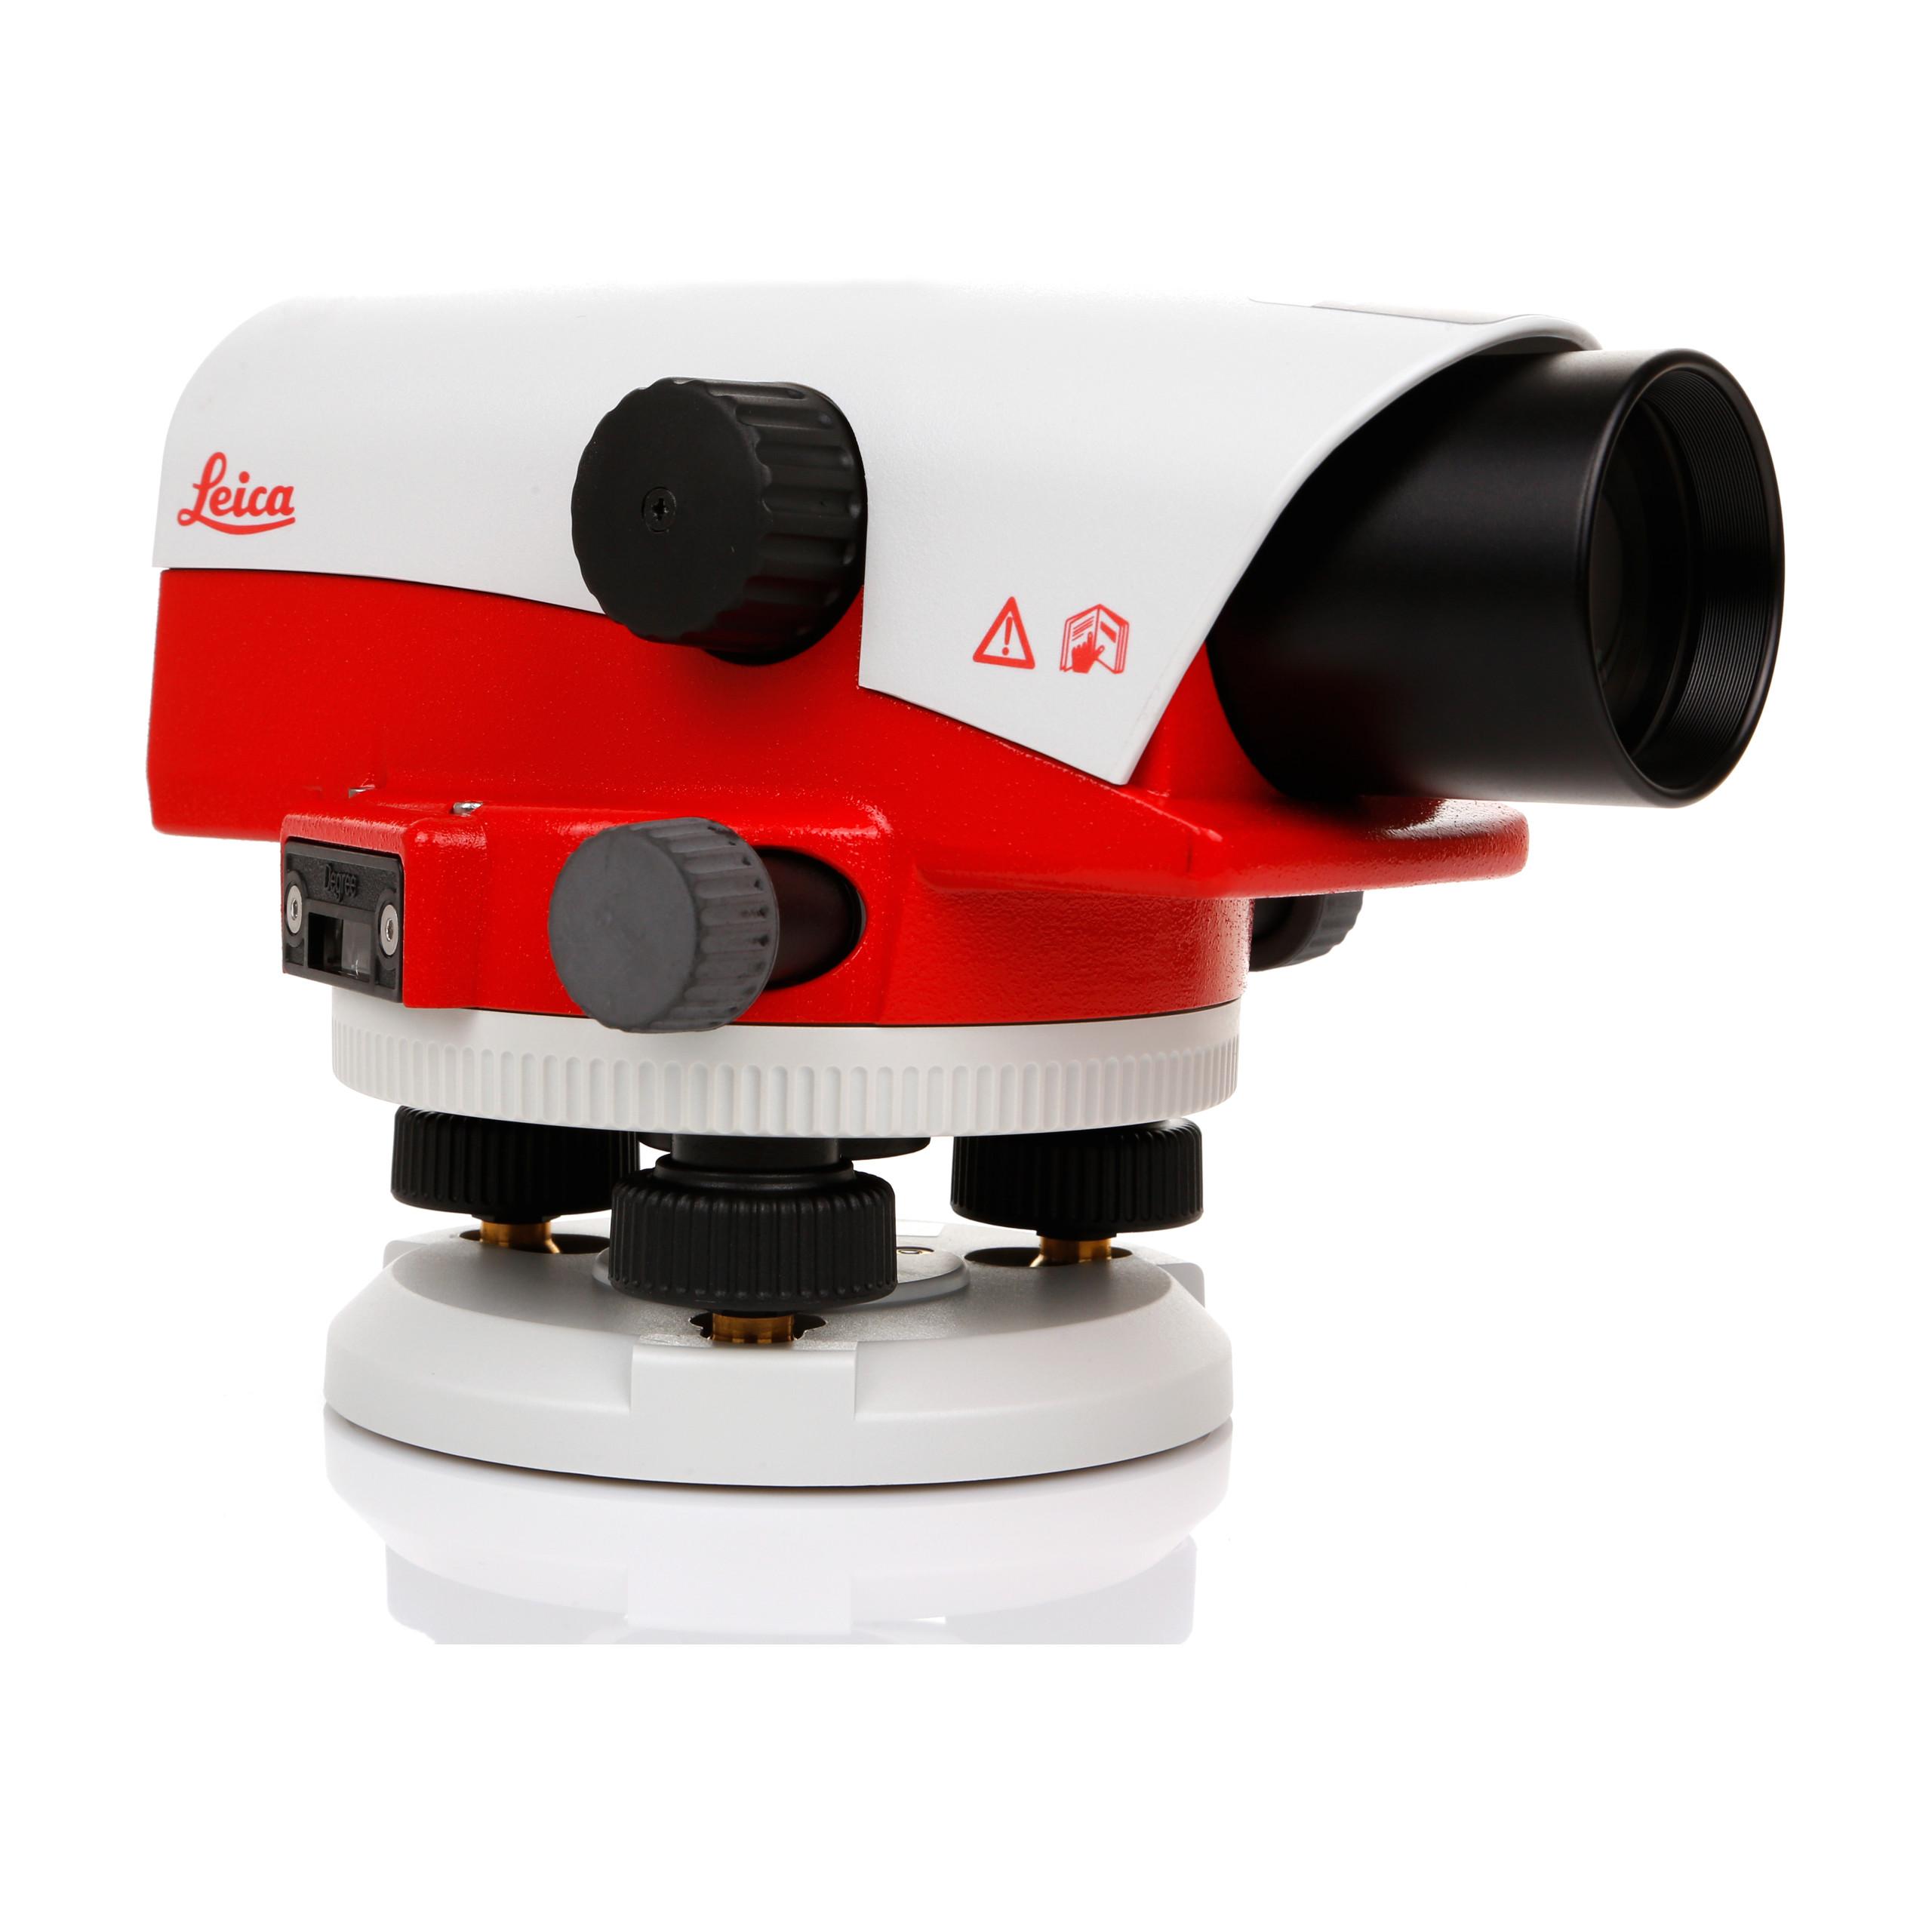 Leica Optické vyrovnanie pri 724 pevných a odolných voči